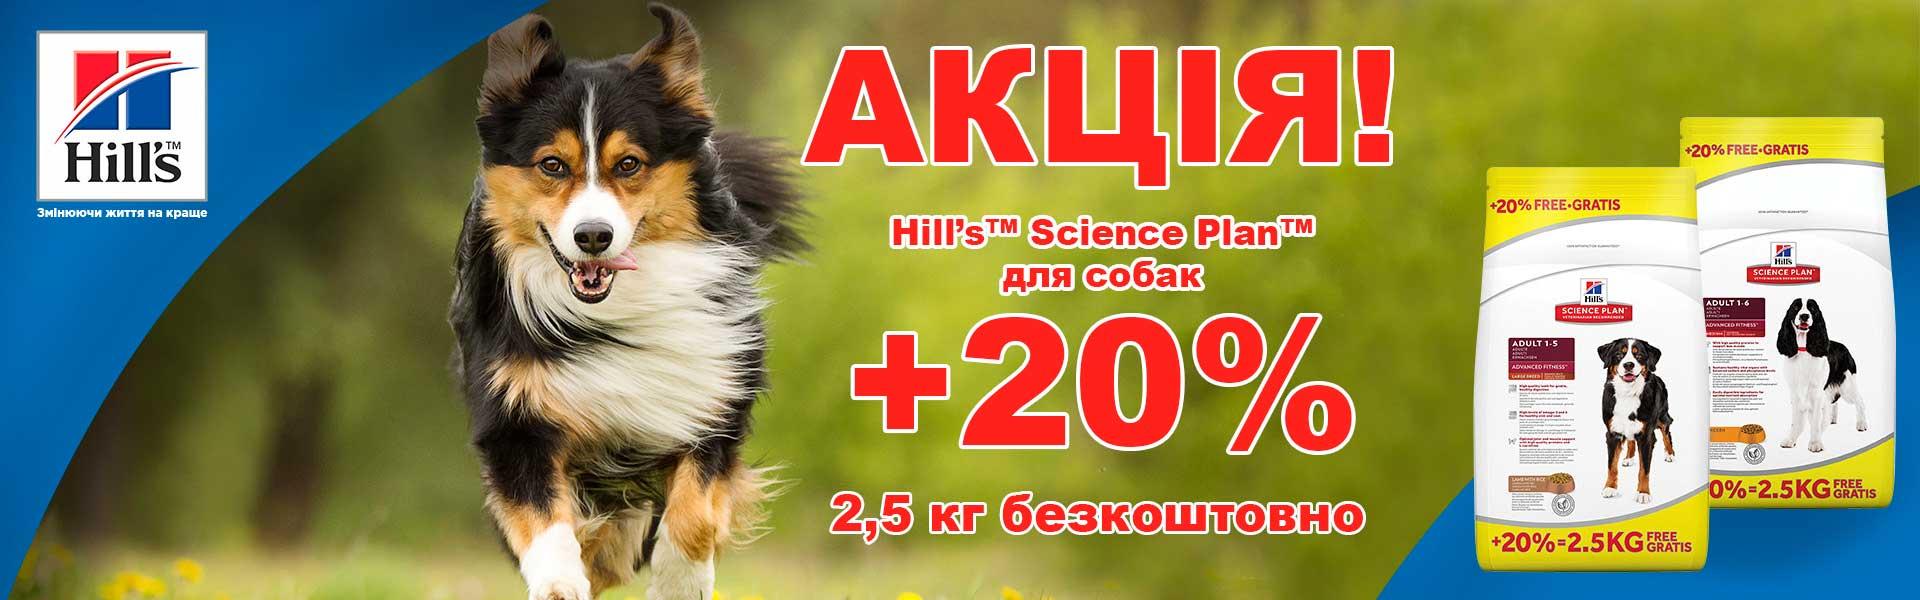 Hills 2,5 кг бесплатно